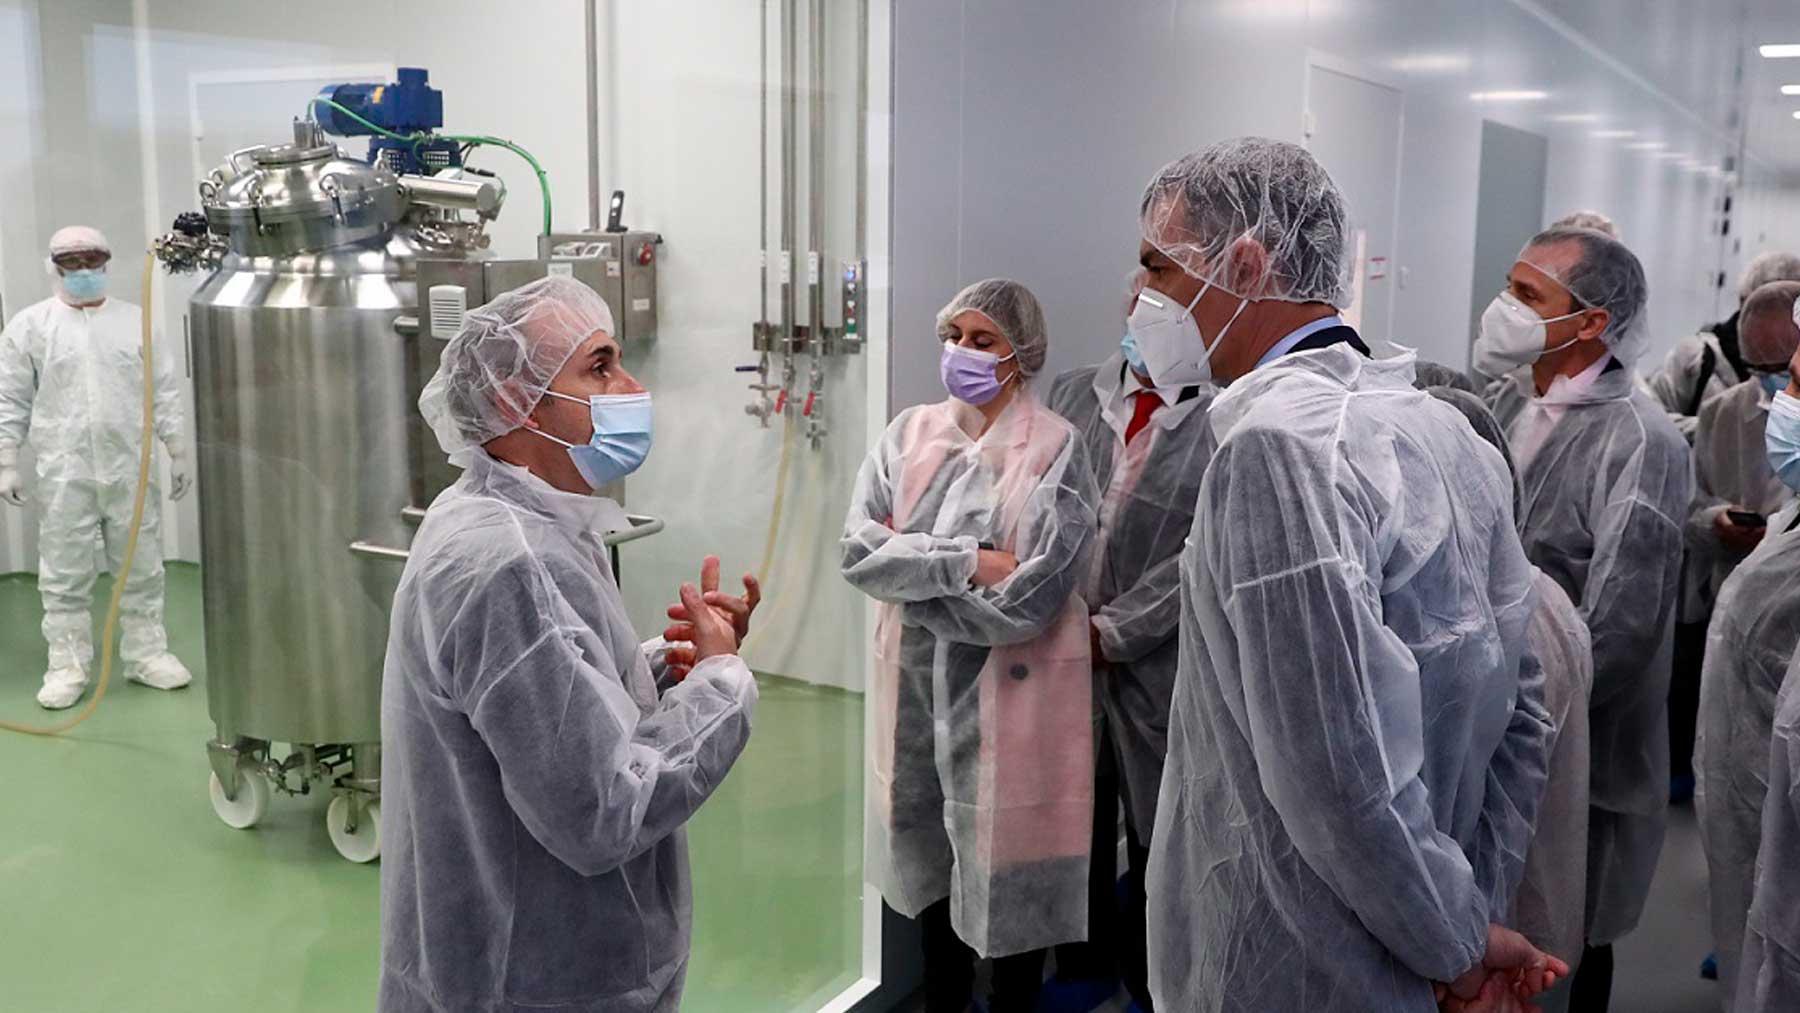 Pedro Sánchez visita a las instalaciones de producción de HIPRA, la empresa que produce la vacuna española contra el Covid-19. Foto: EP